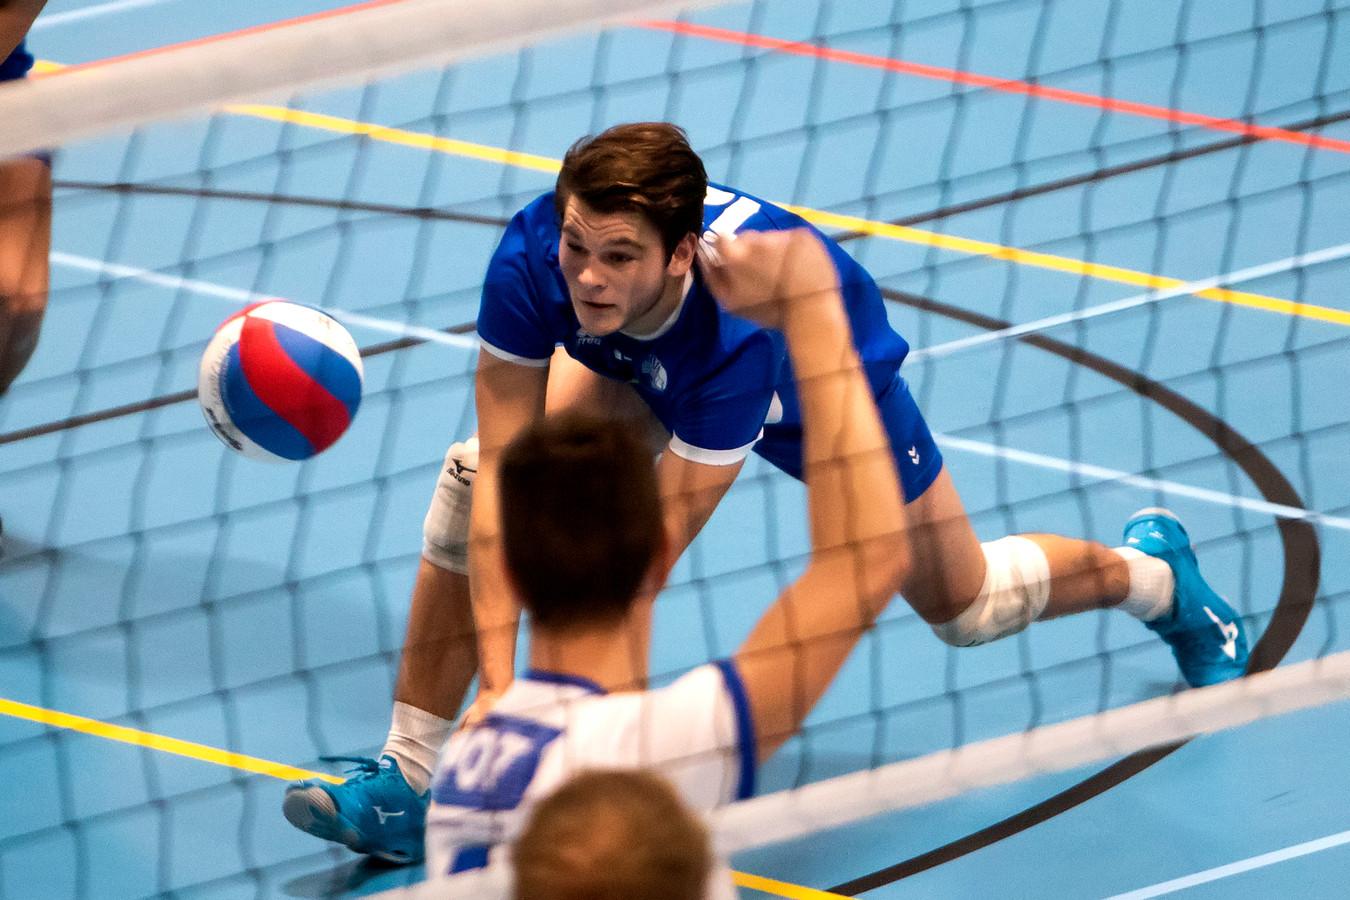 Bjorn Klein Brinke (blauw) keerde zaterdagavond met BVC'73 terug op het oude nest, maar verloor met de Barchemse ploeg van Avior.